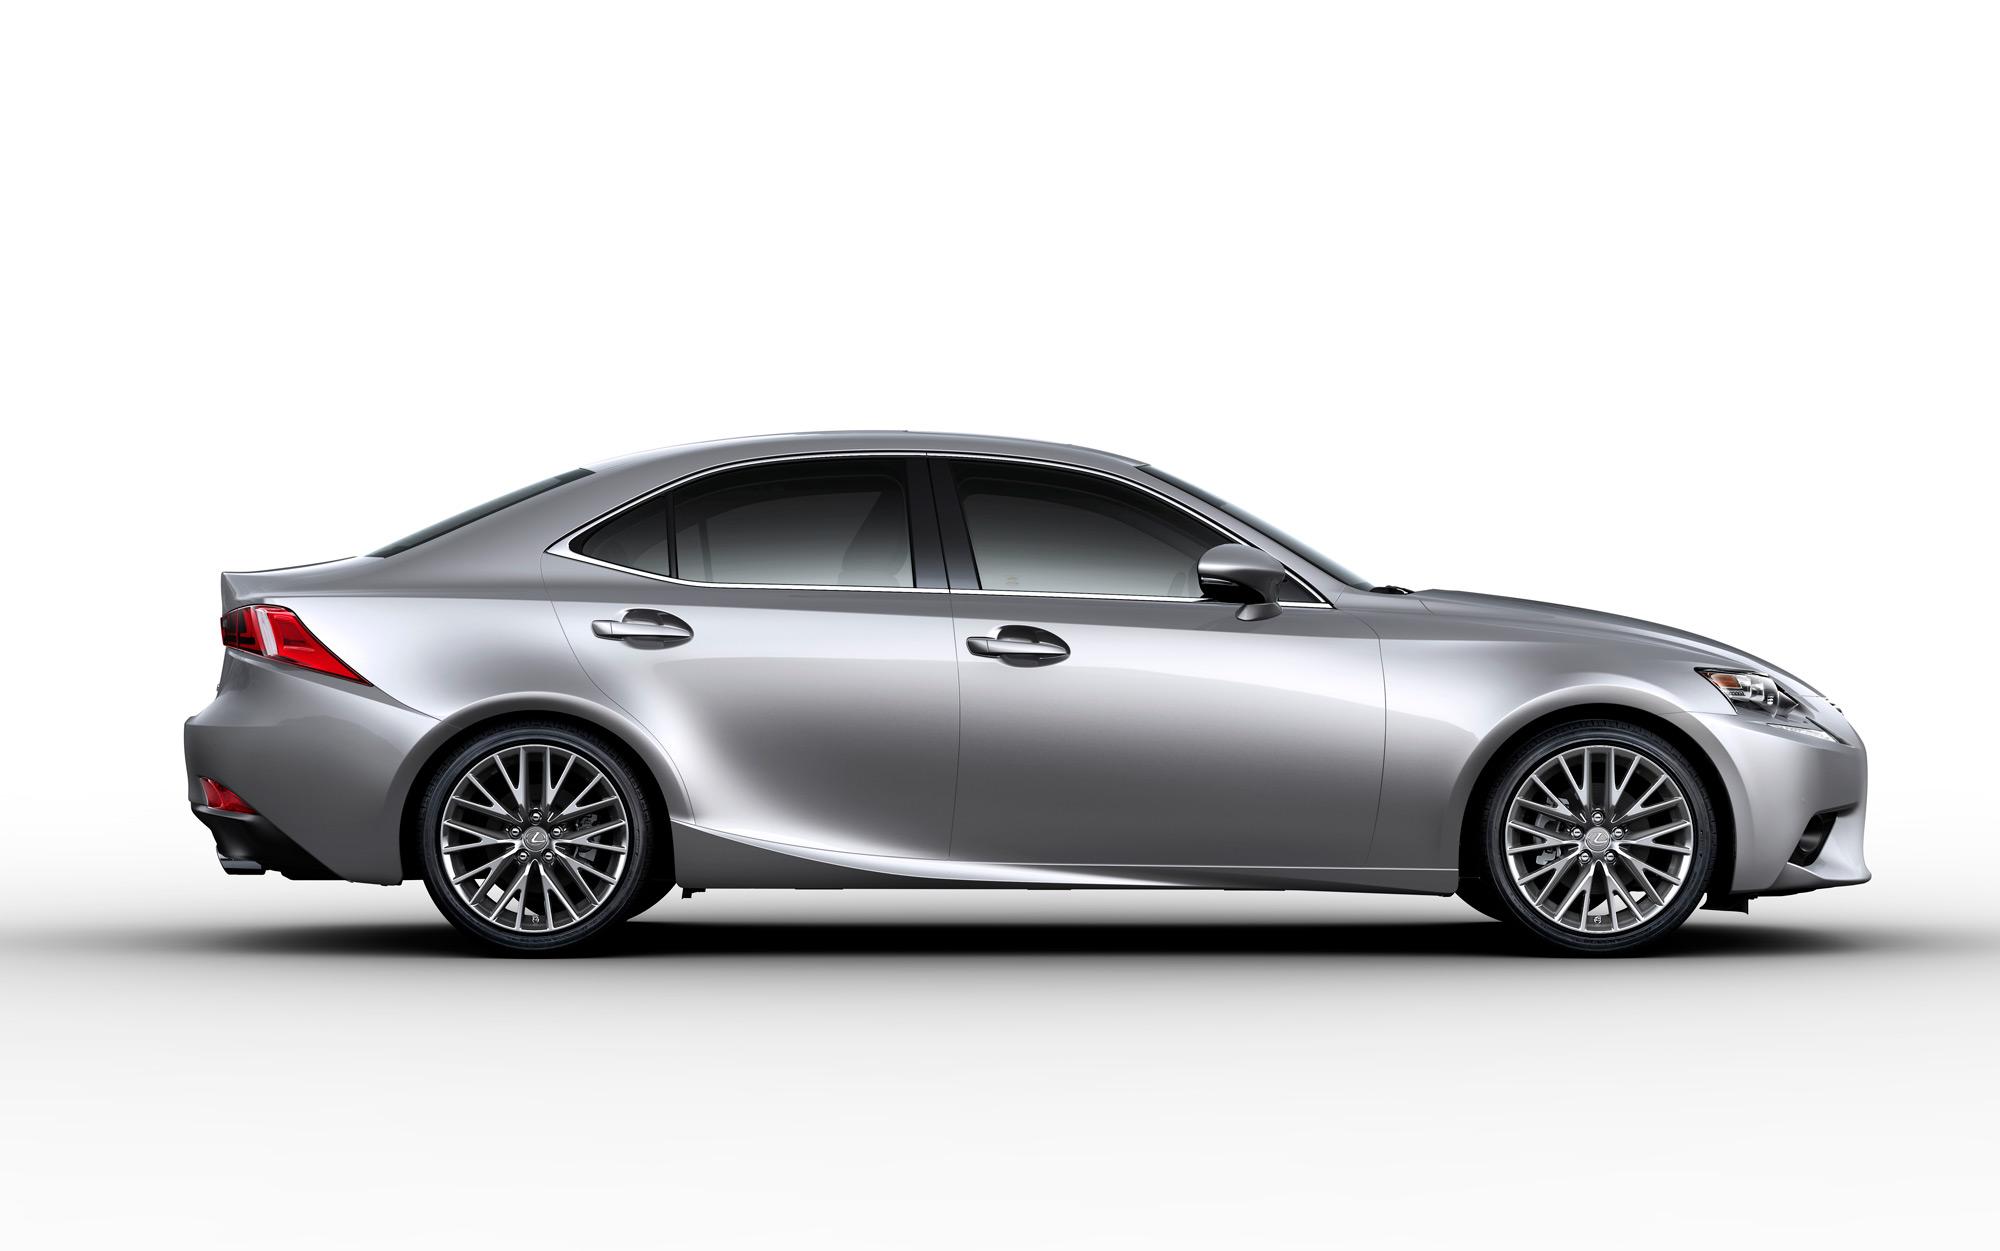 2014 Lexus IS 350 #21 Lexus IS 350 #21